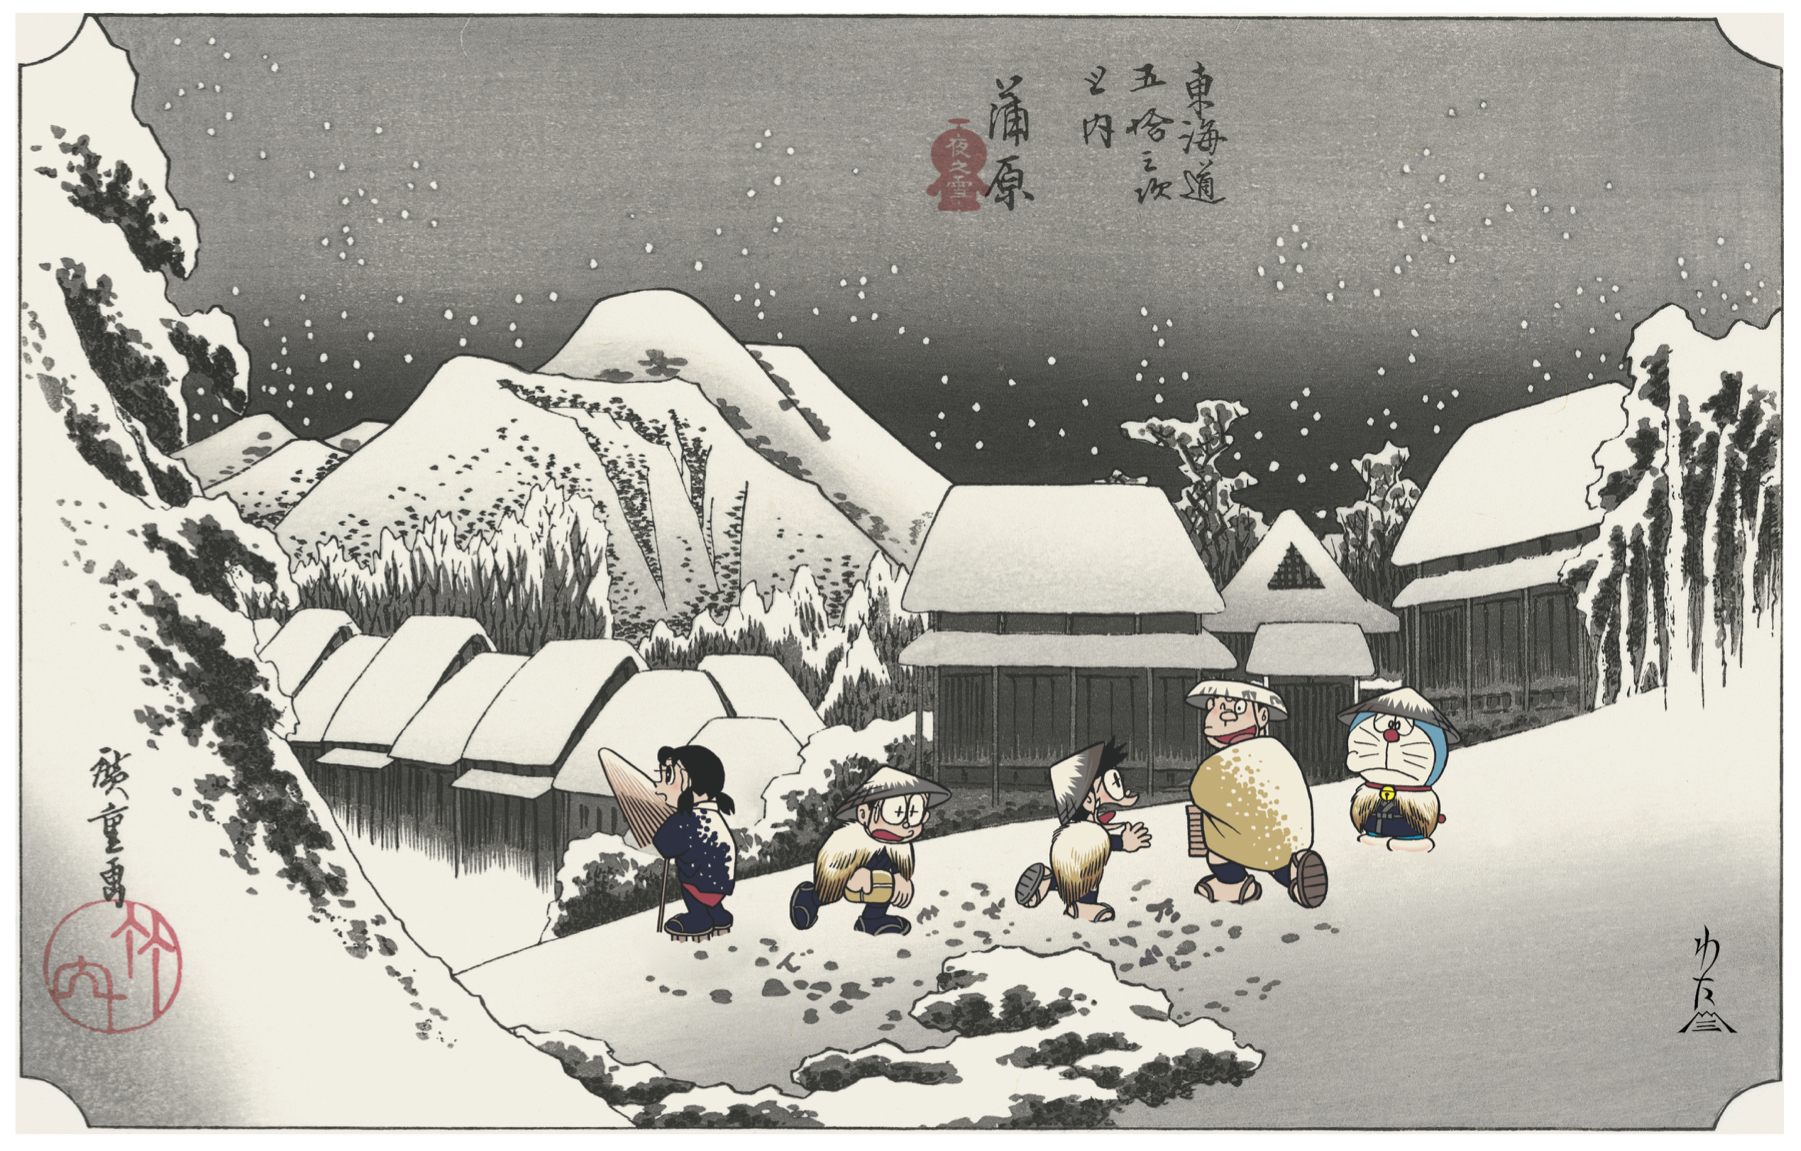 「東海道五十三次」の「東海道五十三次内 蒲原 夜之雪」と藤子・F・不二雄原作「ドラえもん」がコラボレーションした浮世絵木版画